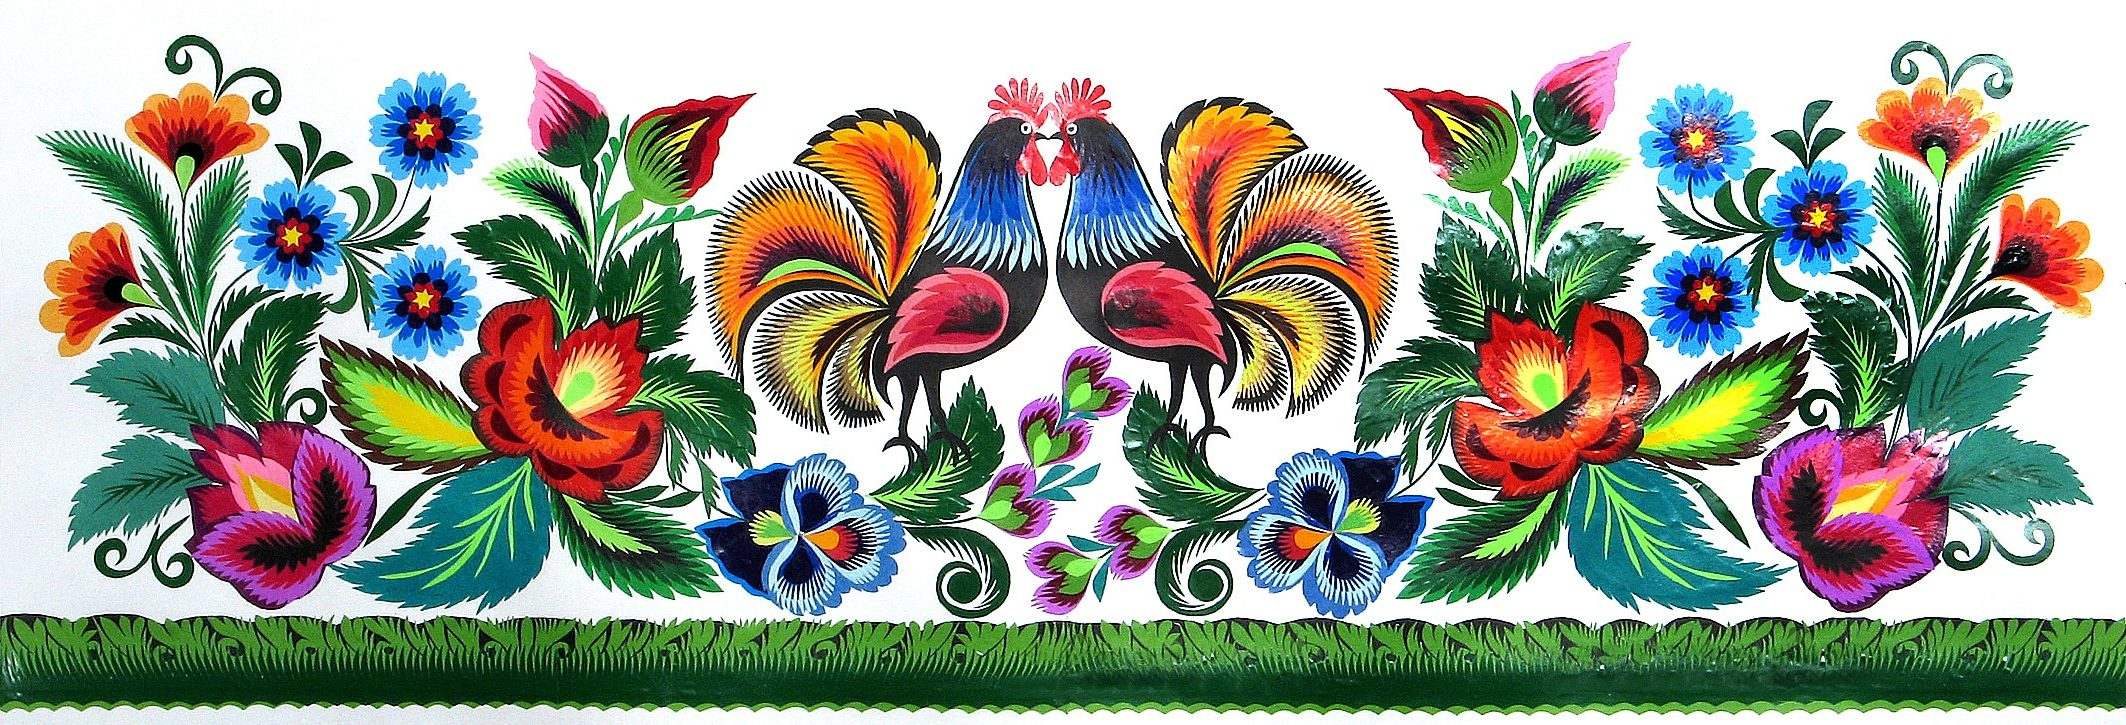 Szeroka wycinanka z kolekcji muzeum przedstawiająca w centrum dwa kolorowe koguty koguty, u dołu wycinankowy trawnik. Wycinanka przedstawia też dużo kolorowych kwiatów ponad trawnikiem, które okalają również koguty. Całość żywa i z wieloma detalami.